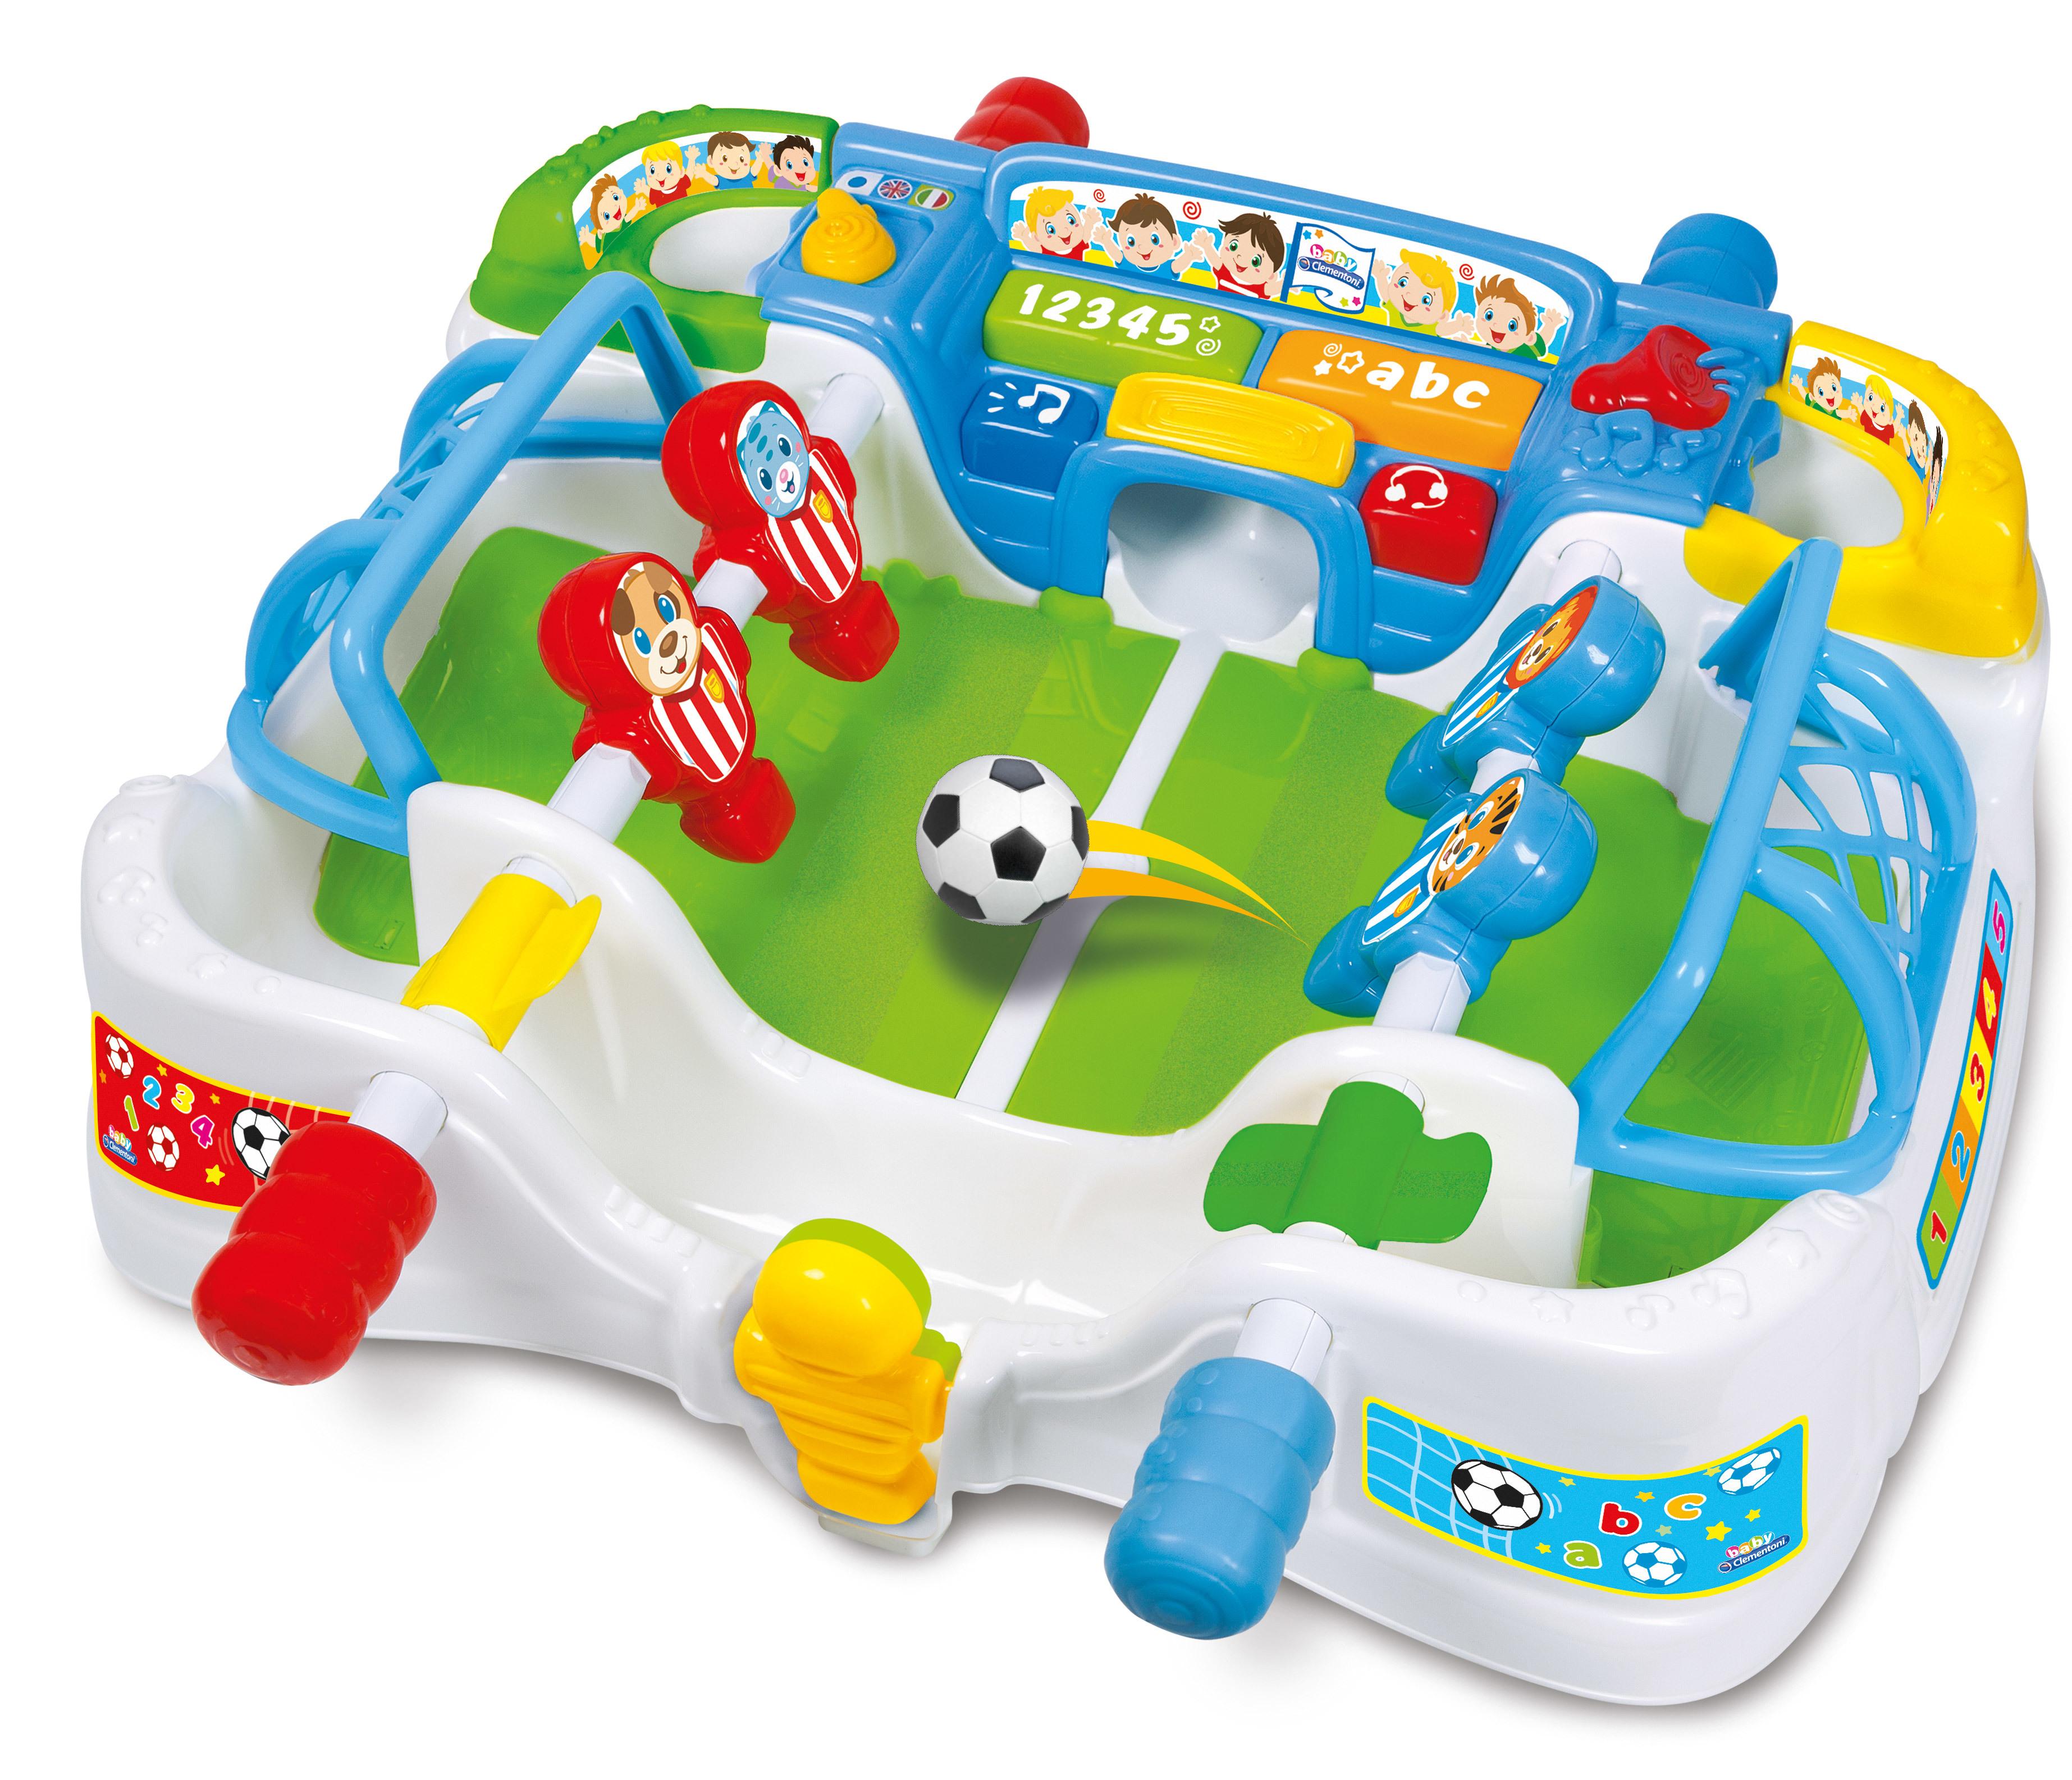 clementoni babyfoot des tout petits pas cher achat vente jouet lectronique enfant. Black Bedroom Furniture Sets. Home Design Ideas